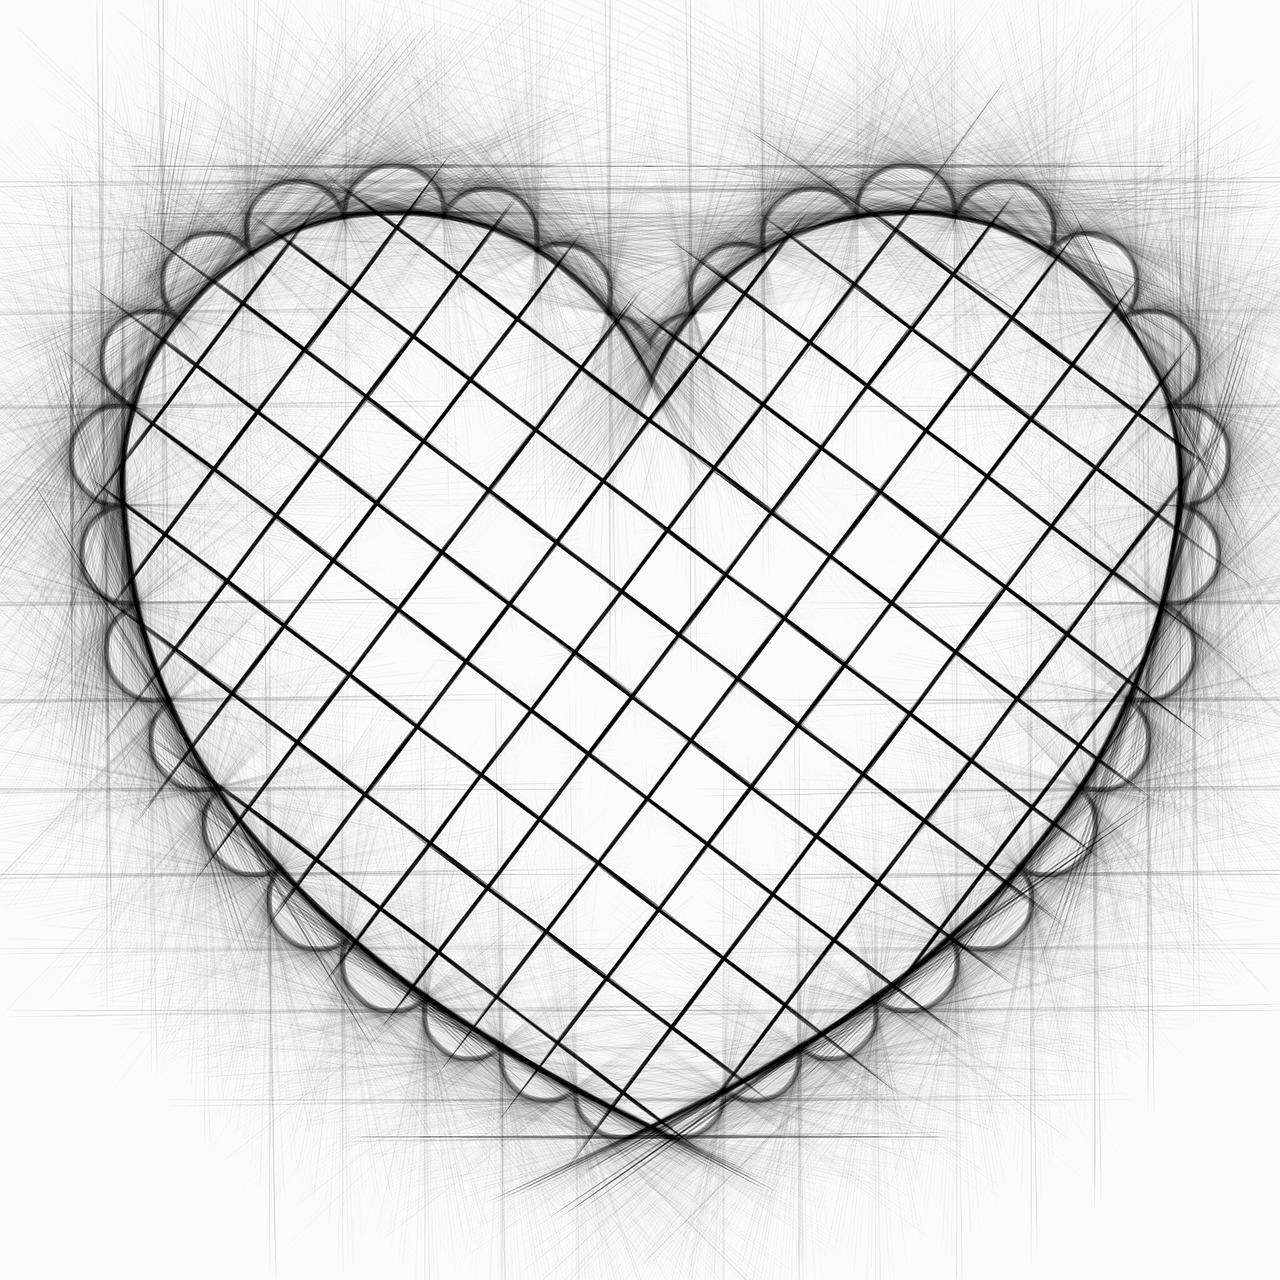 Красивые сердечки картинки нарисованные карандашом